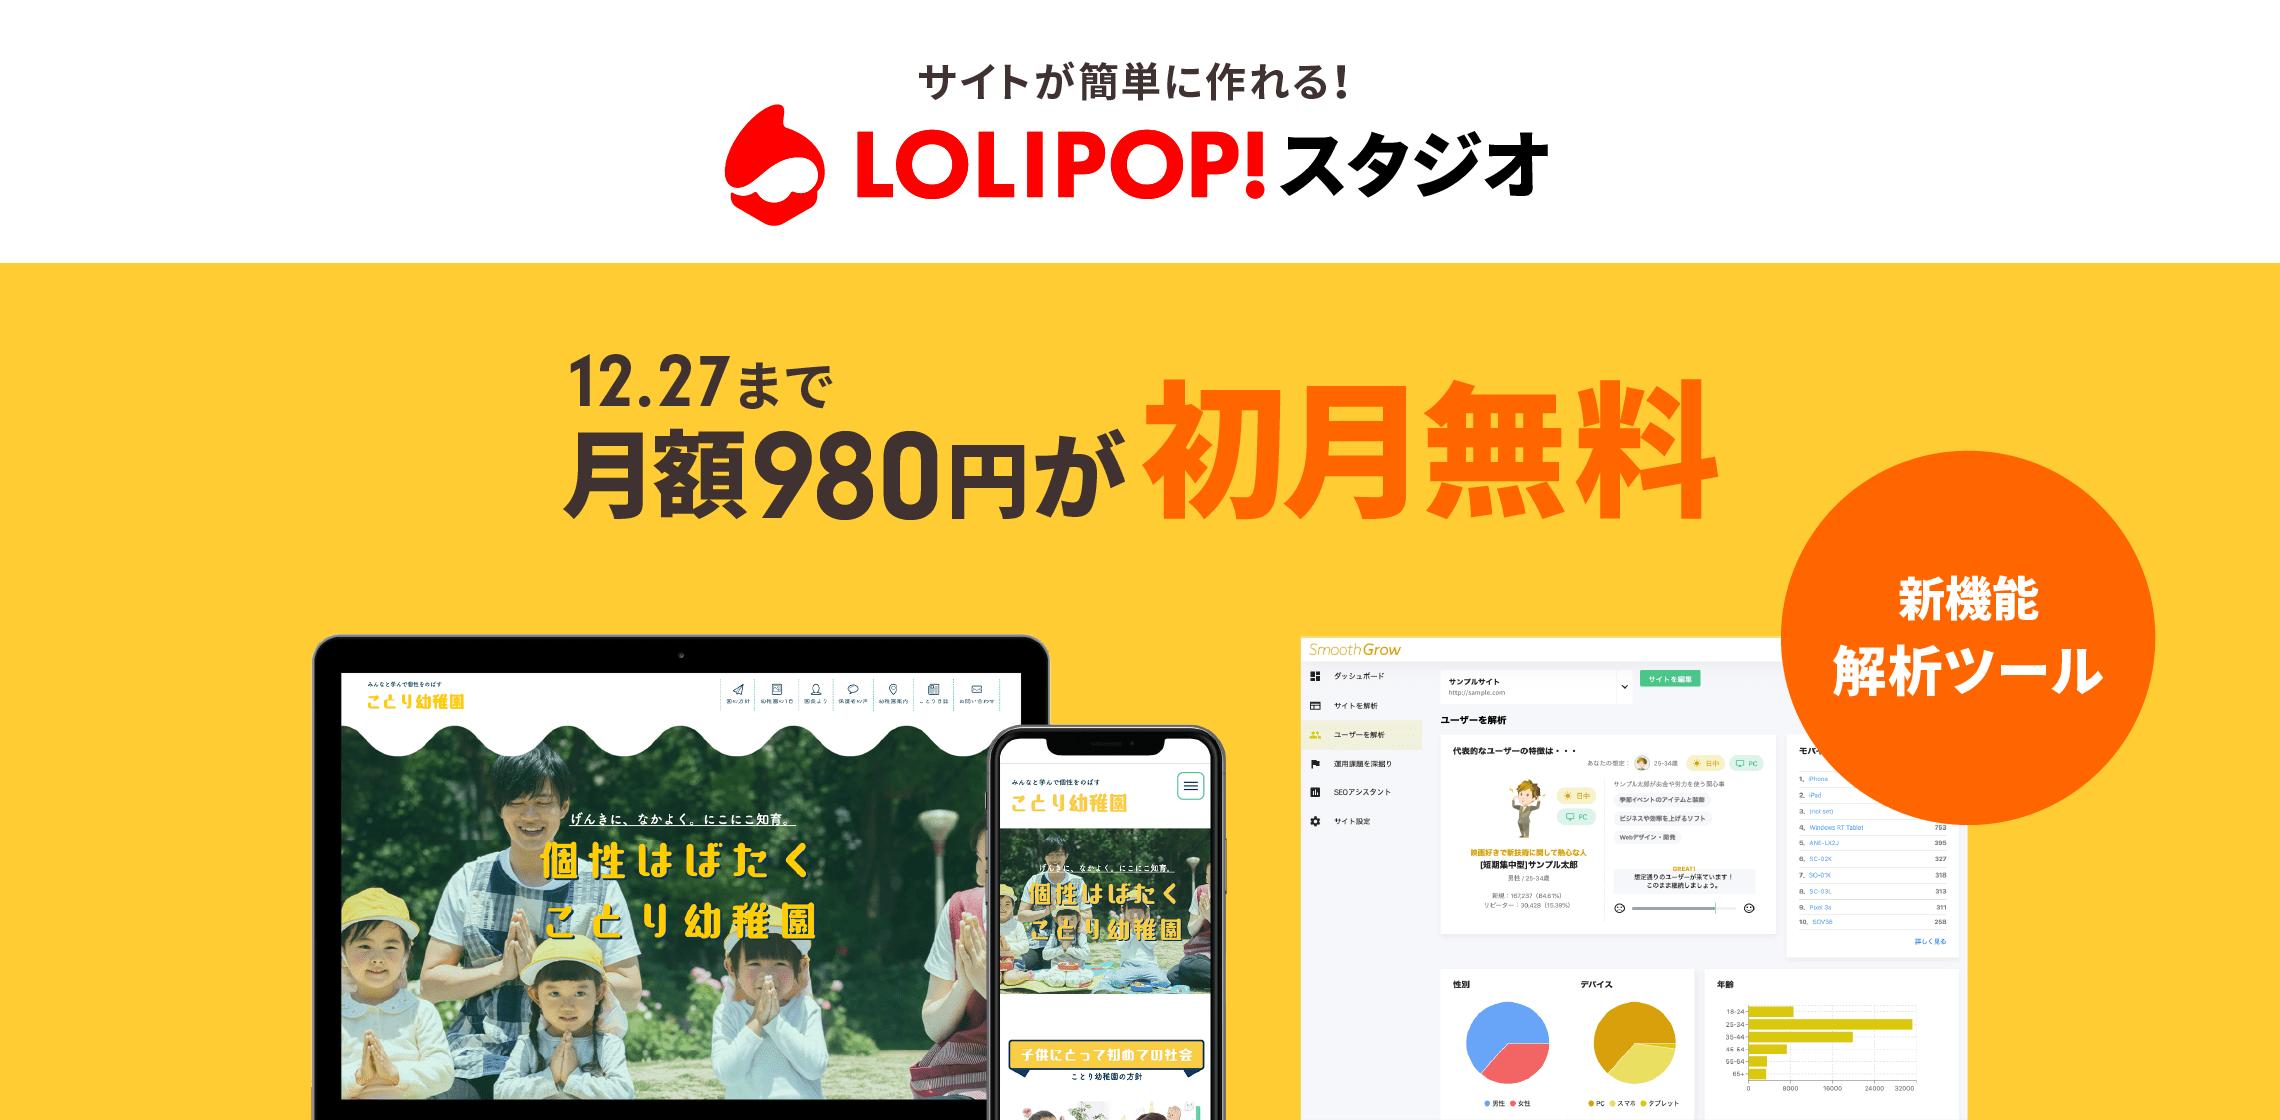 ロリポップスタジオ新機能キャンペーン